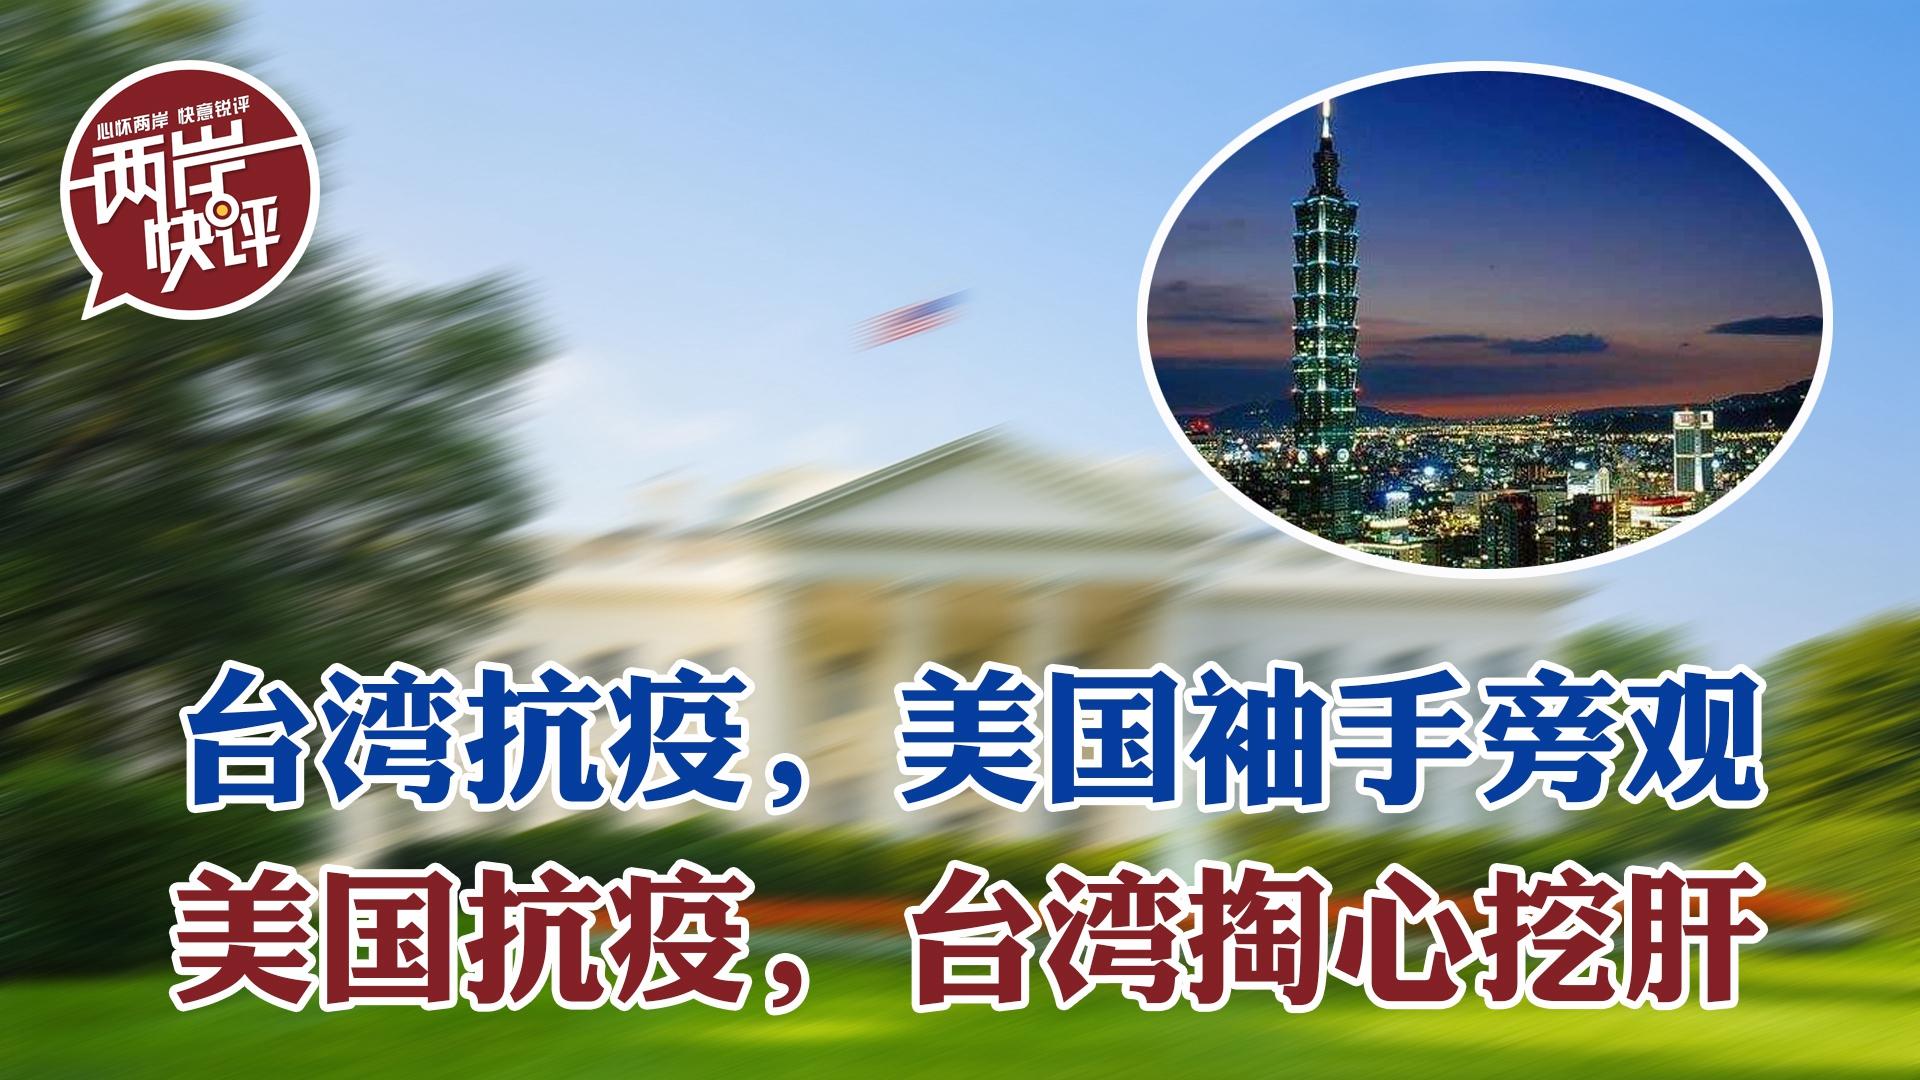 台湾抗疫,美国袖手旁观;美国抗疫,台湾掏心挖肝